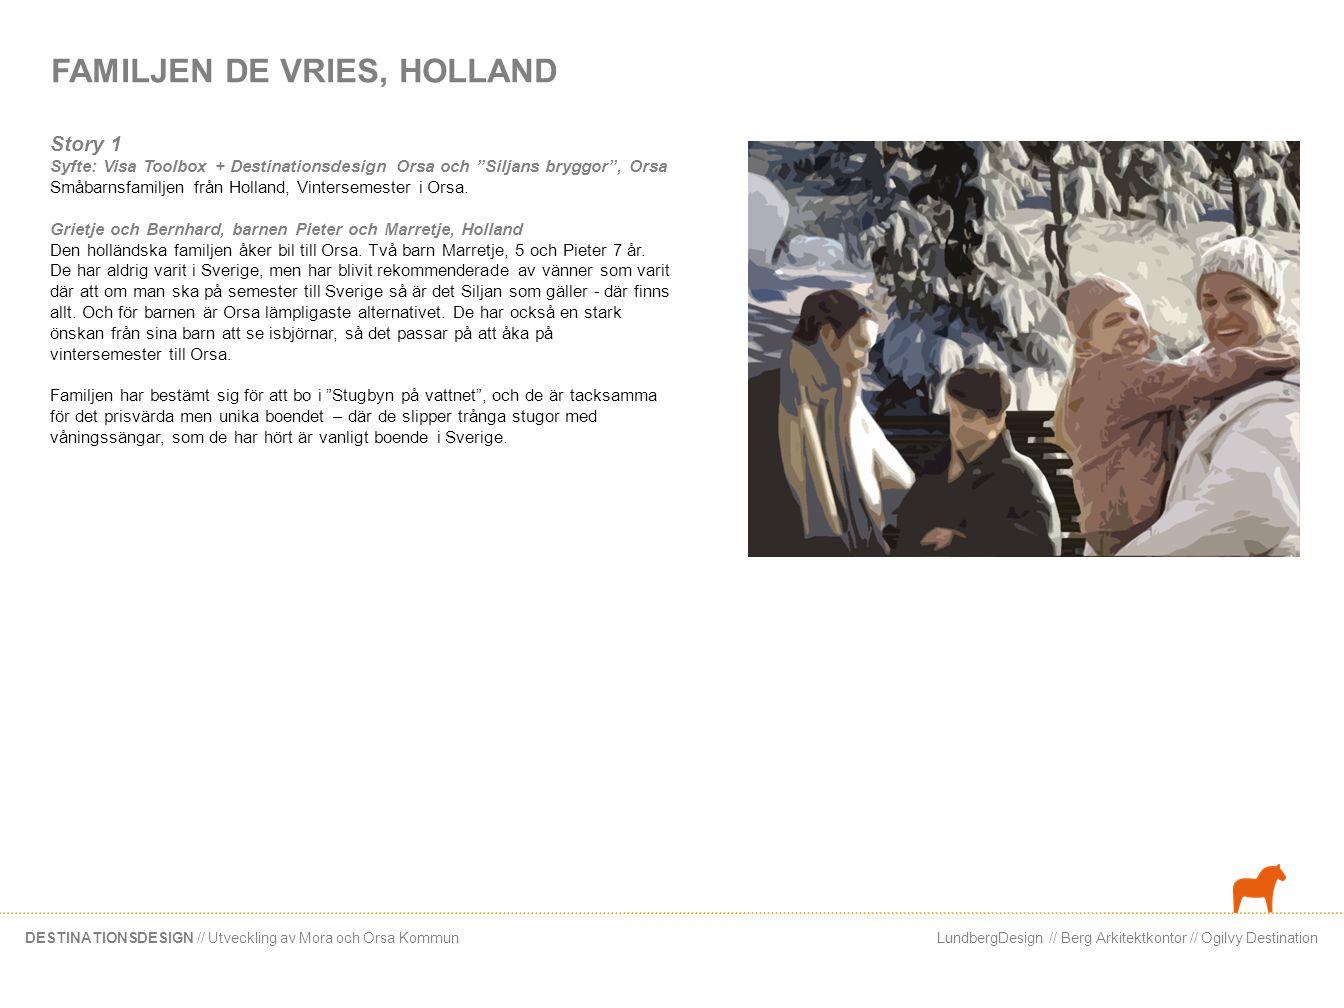 LundbergDesign // Berg Arkitektkontor // Ogilvy DestinationDESTINATIONSDESIGN // Utveckling av Mora och Orsa Kommun FAMILJEN DE VRIES, HOLLAND Story 1